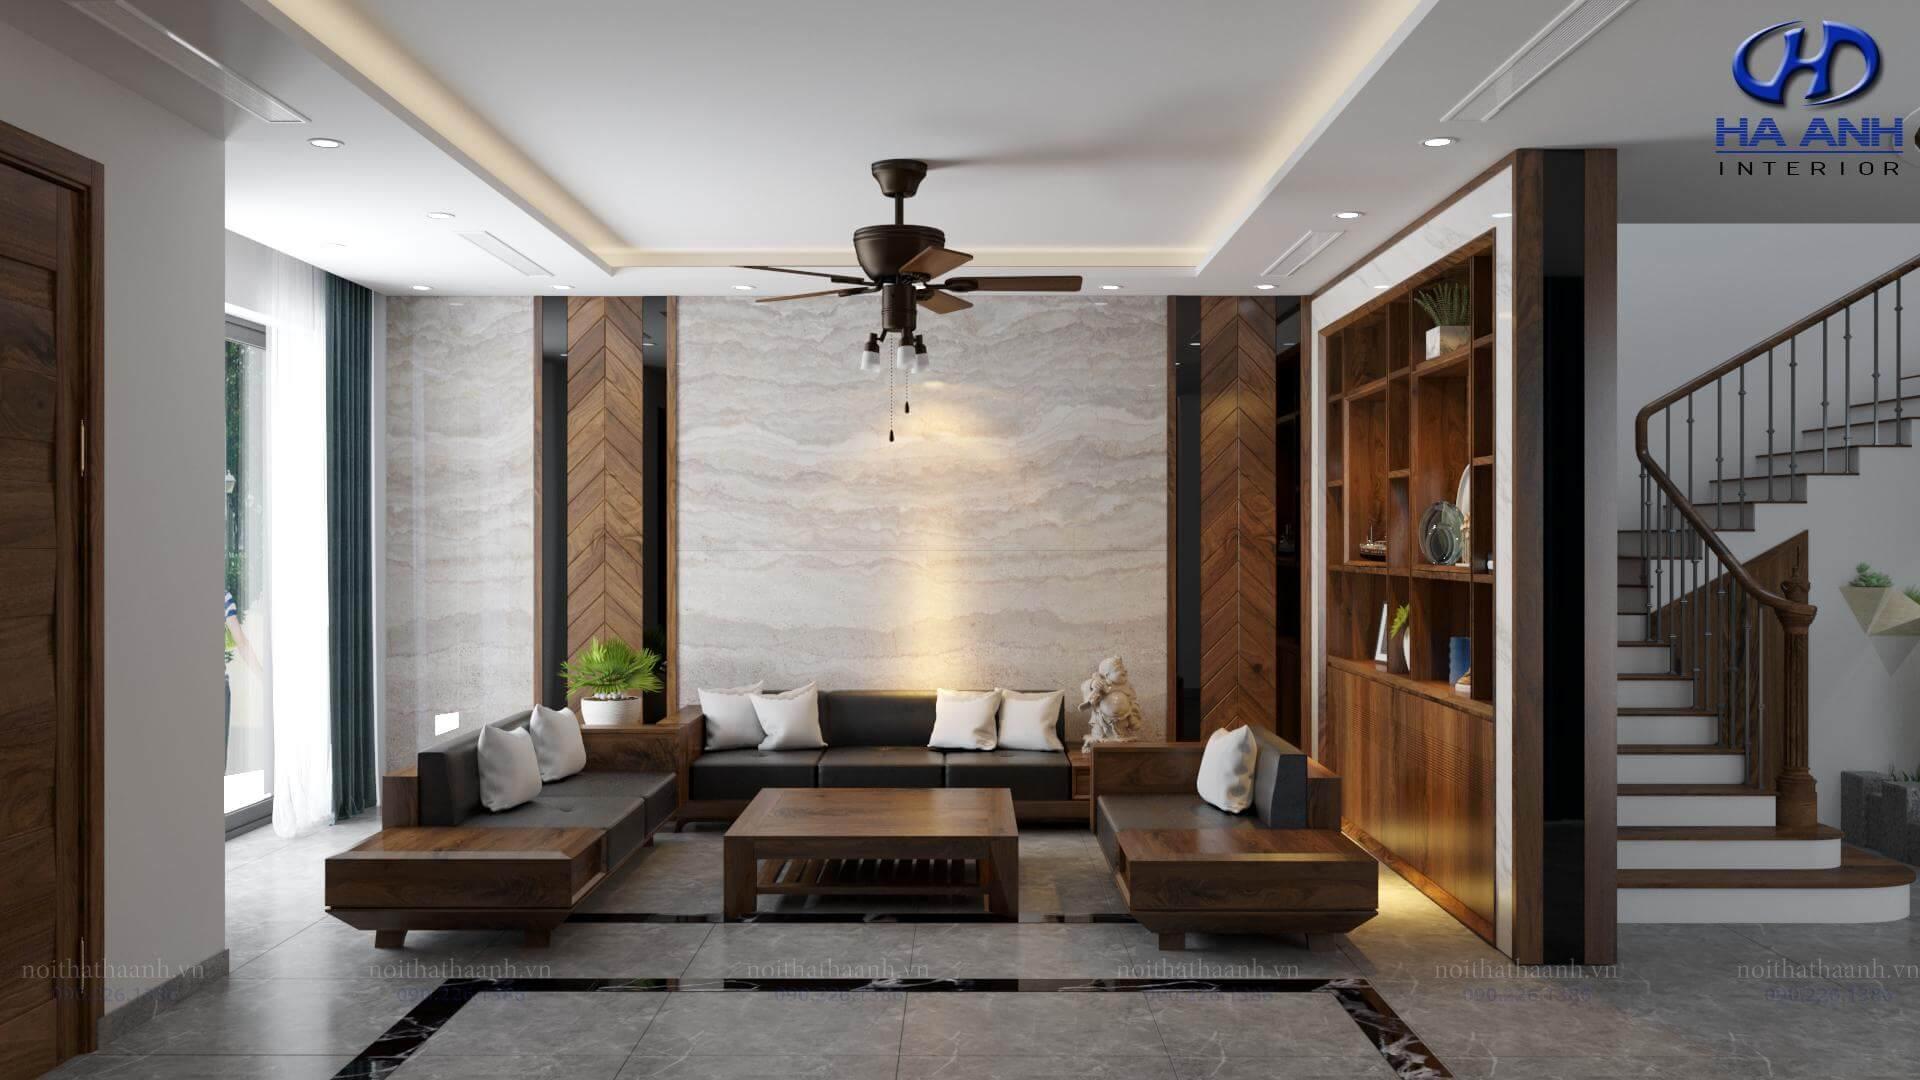 Mua sofa gỗ óc chó đẹp và chất lượng nhất Hà Nội ở đâu?